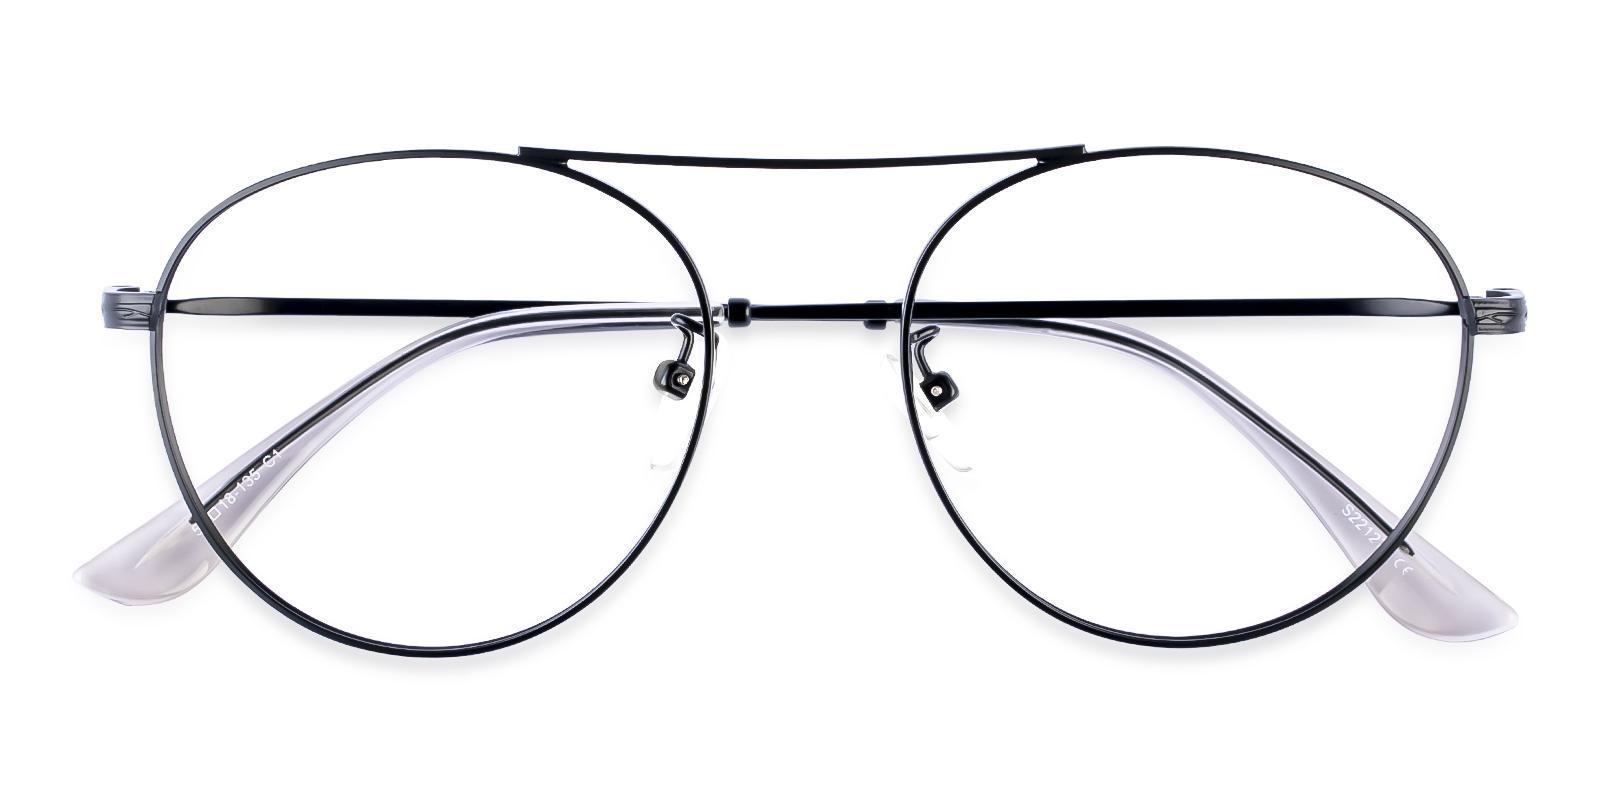 Ellie Black Metal Eyeglasses , NosePads Frames from ABBE Glasses